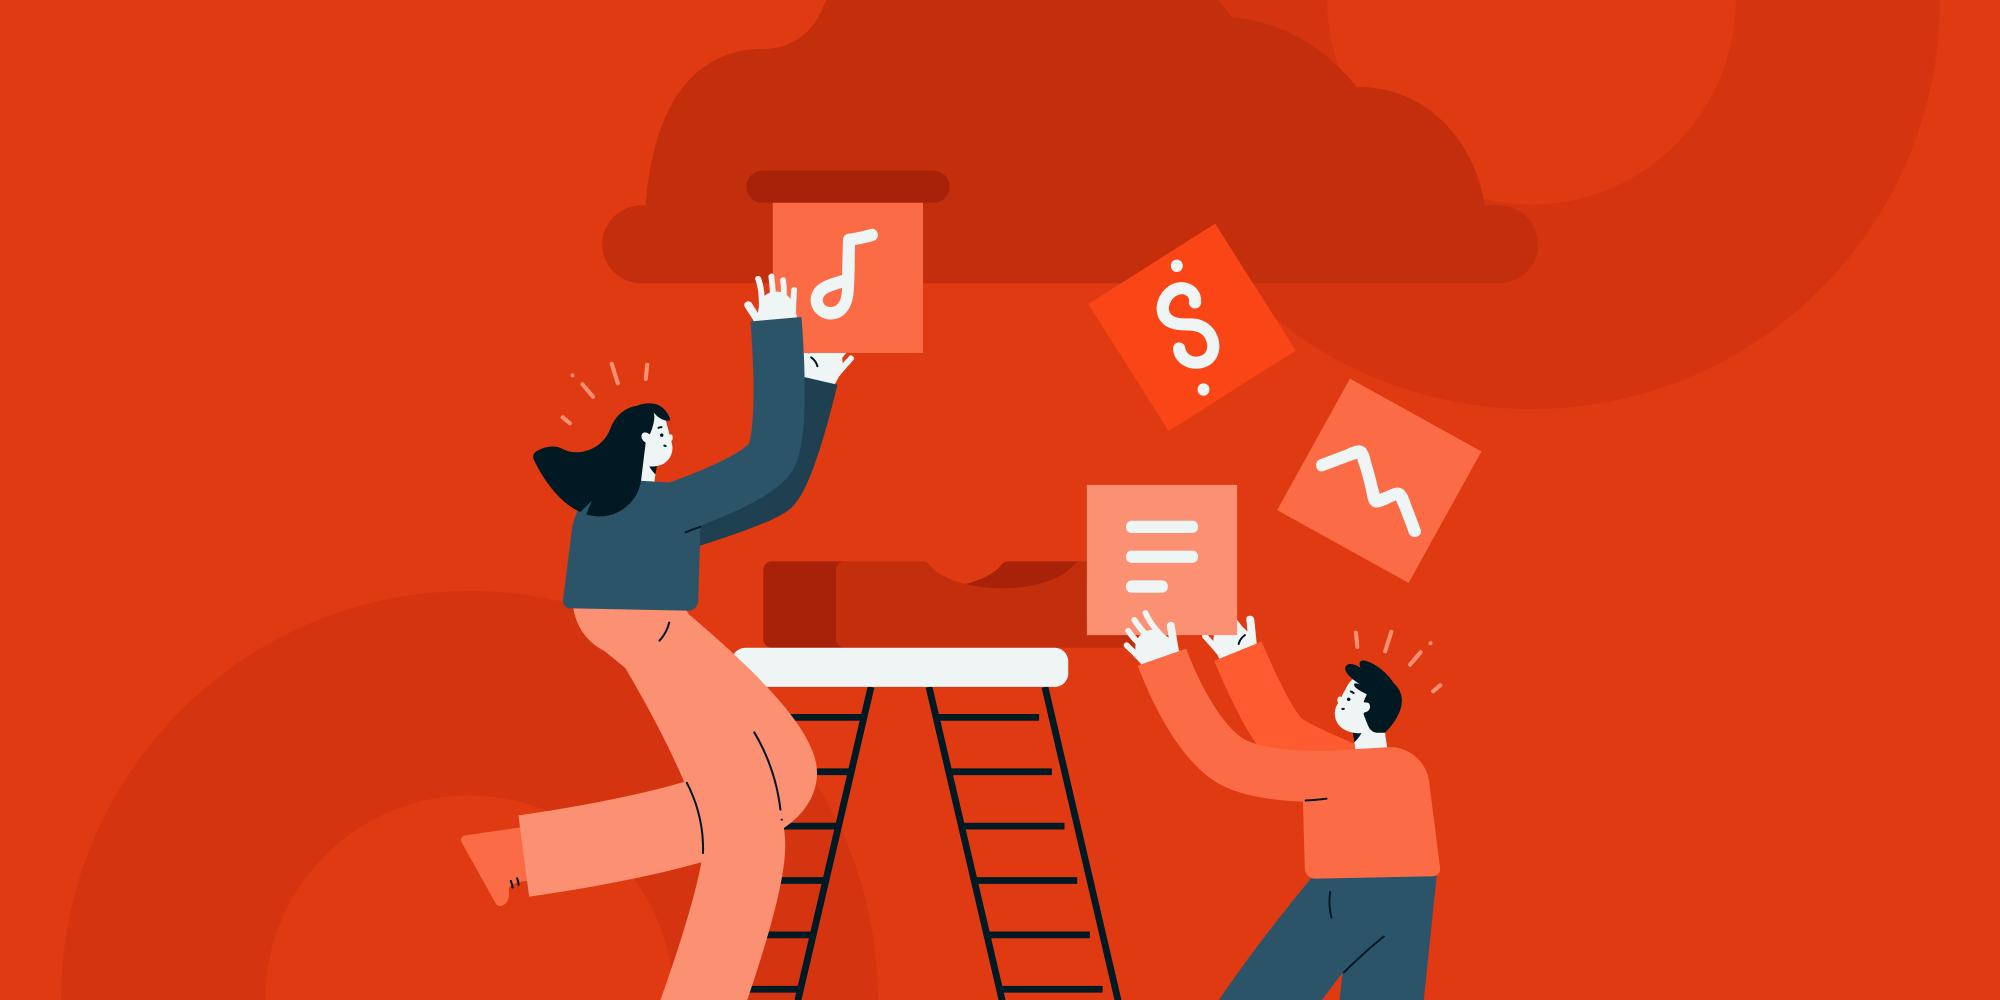 Herramientas o aplicaciones para gestionar proyectos